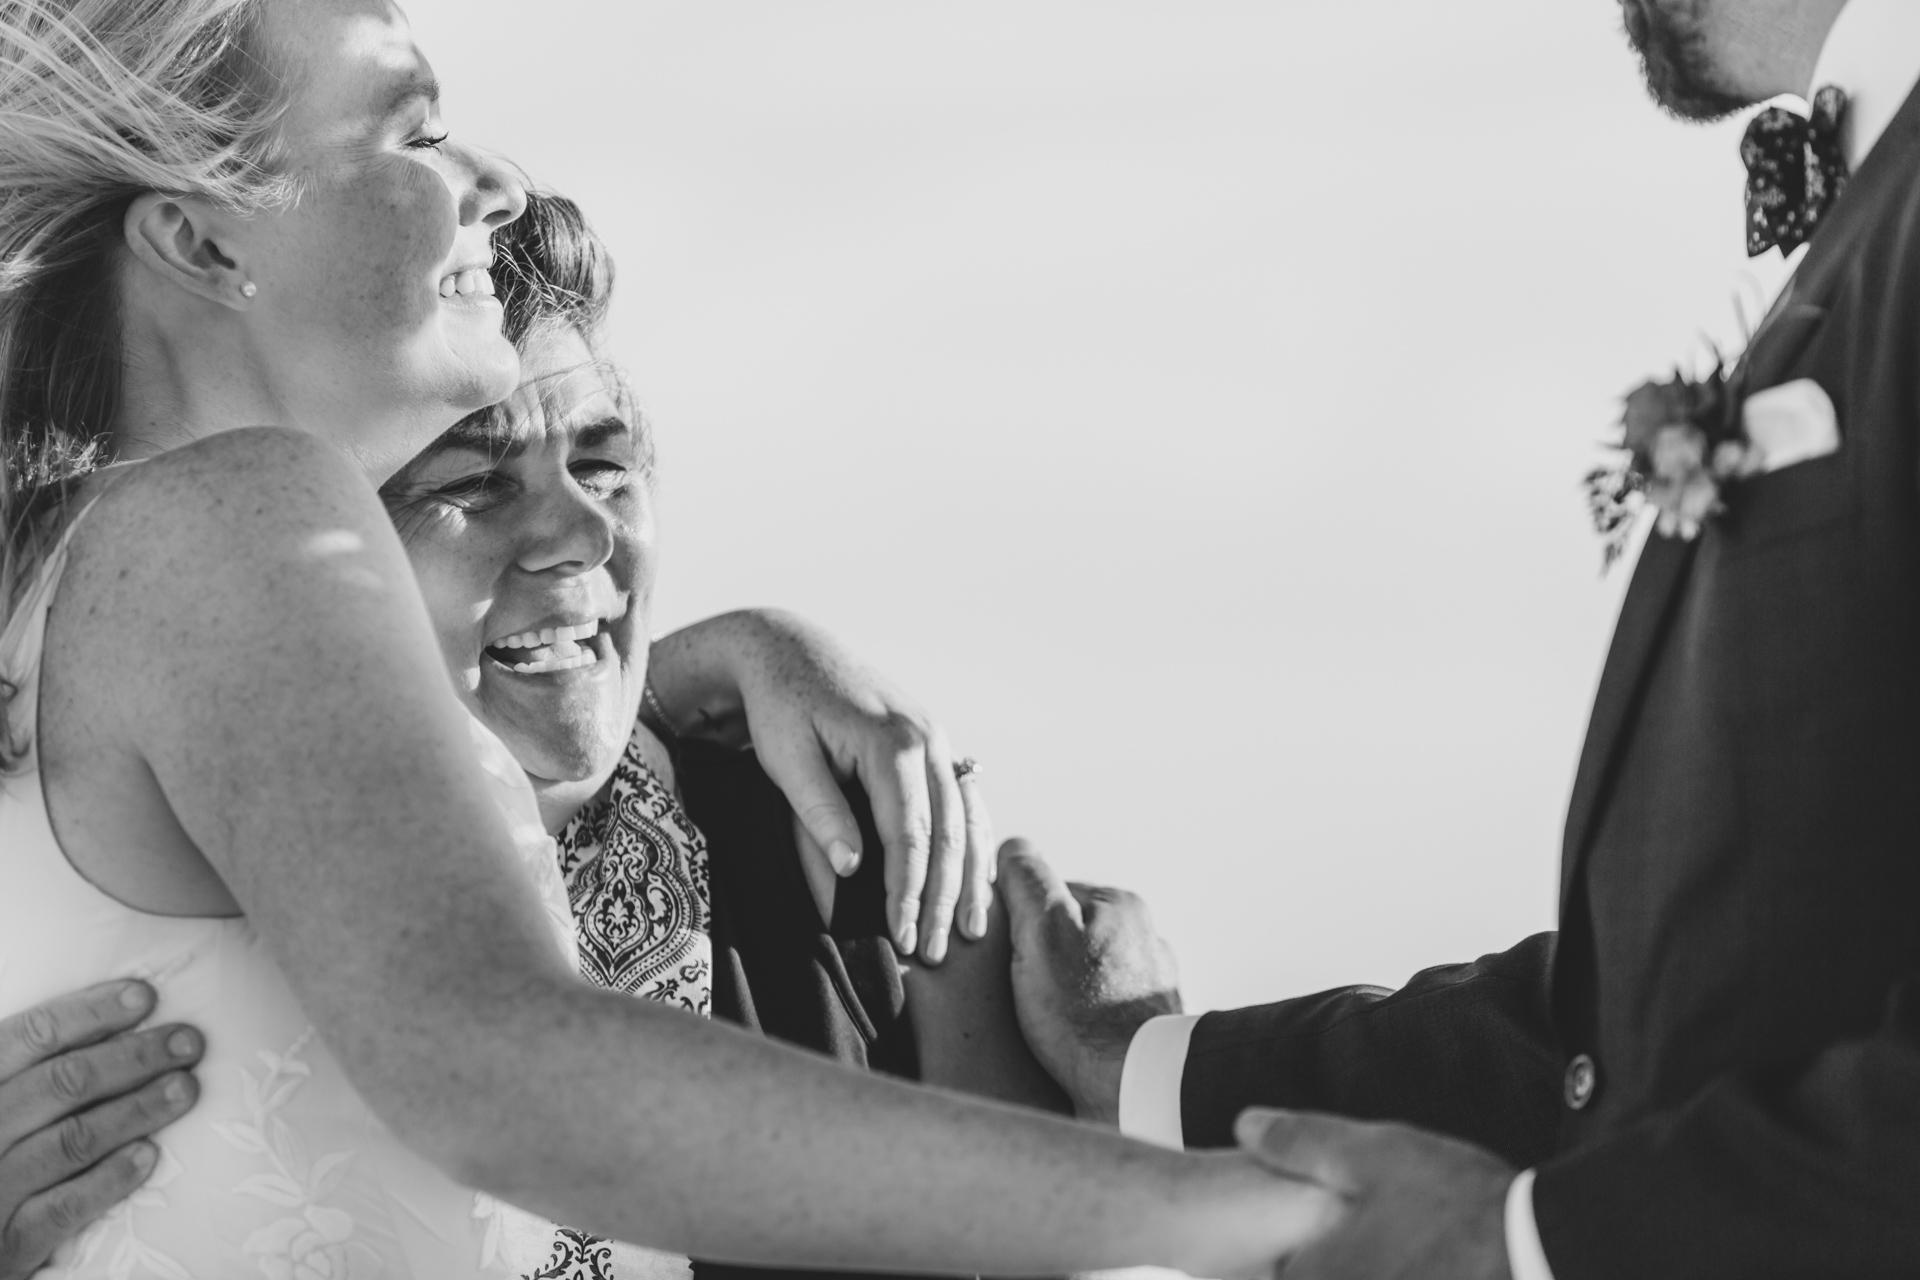 Cérémonie d'élimination de MA Beach Image | Une étreinte spontanée lors d'un moment émotionnel